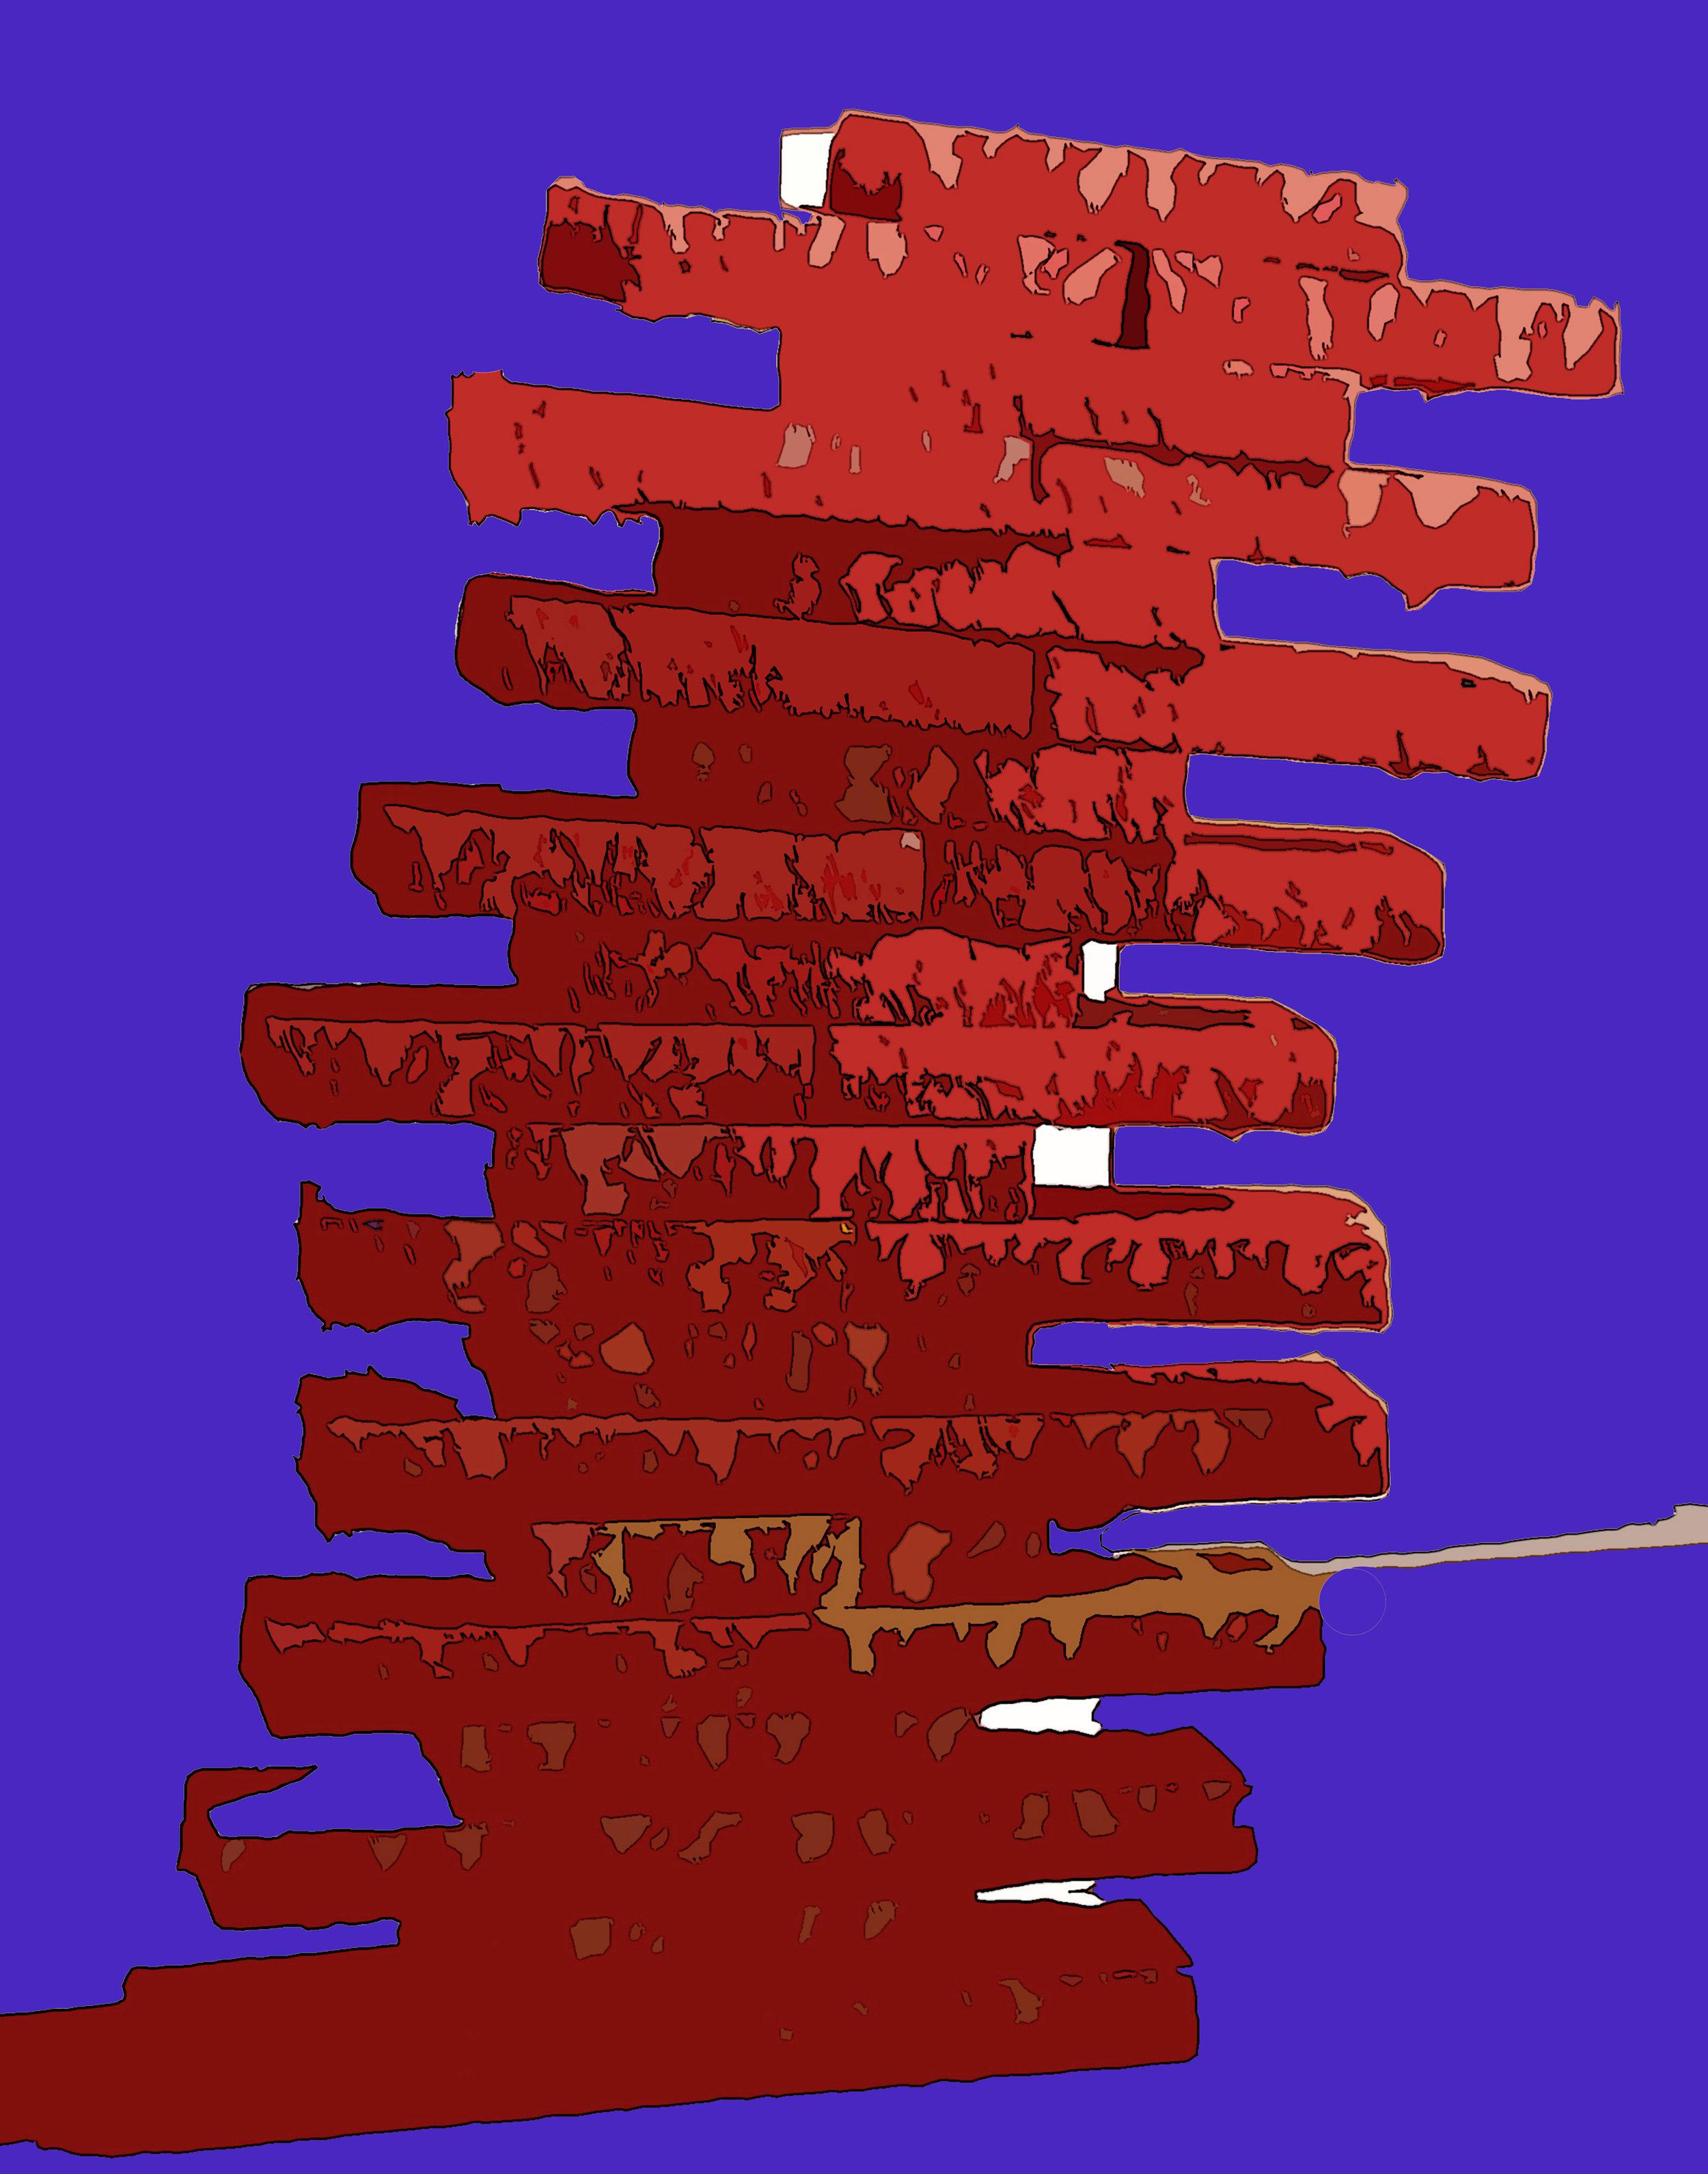 drk blue_11x14.jpg